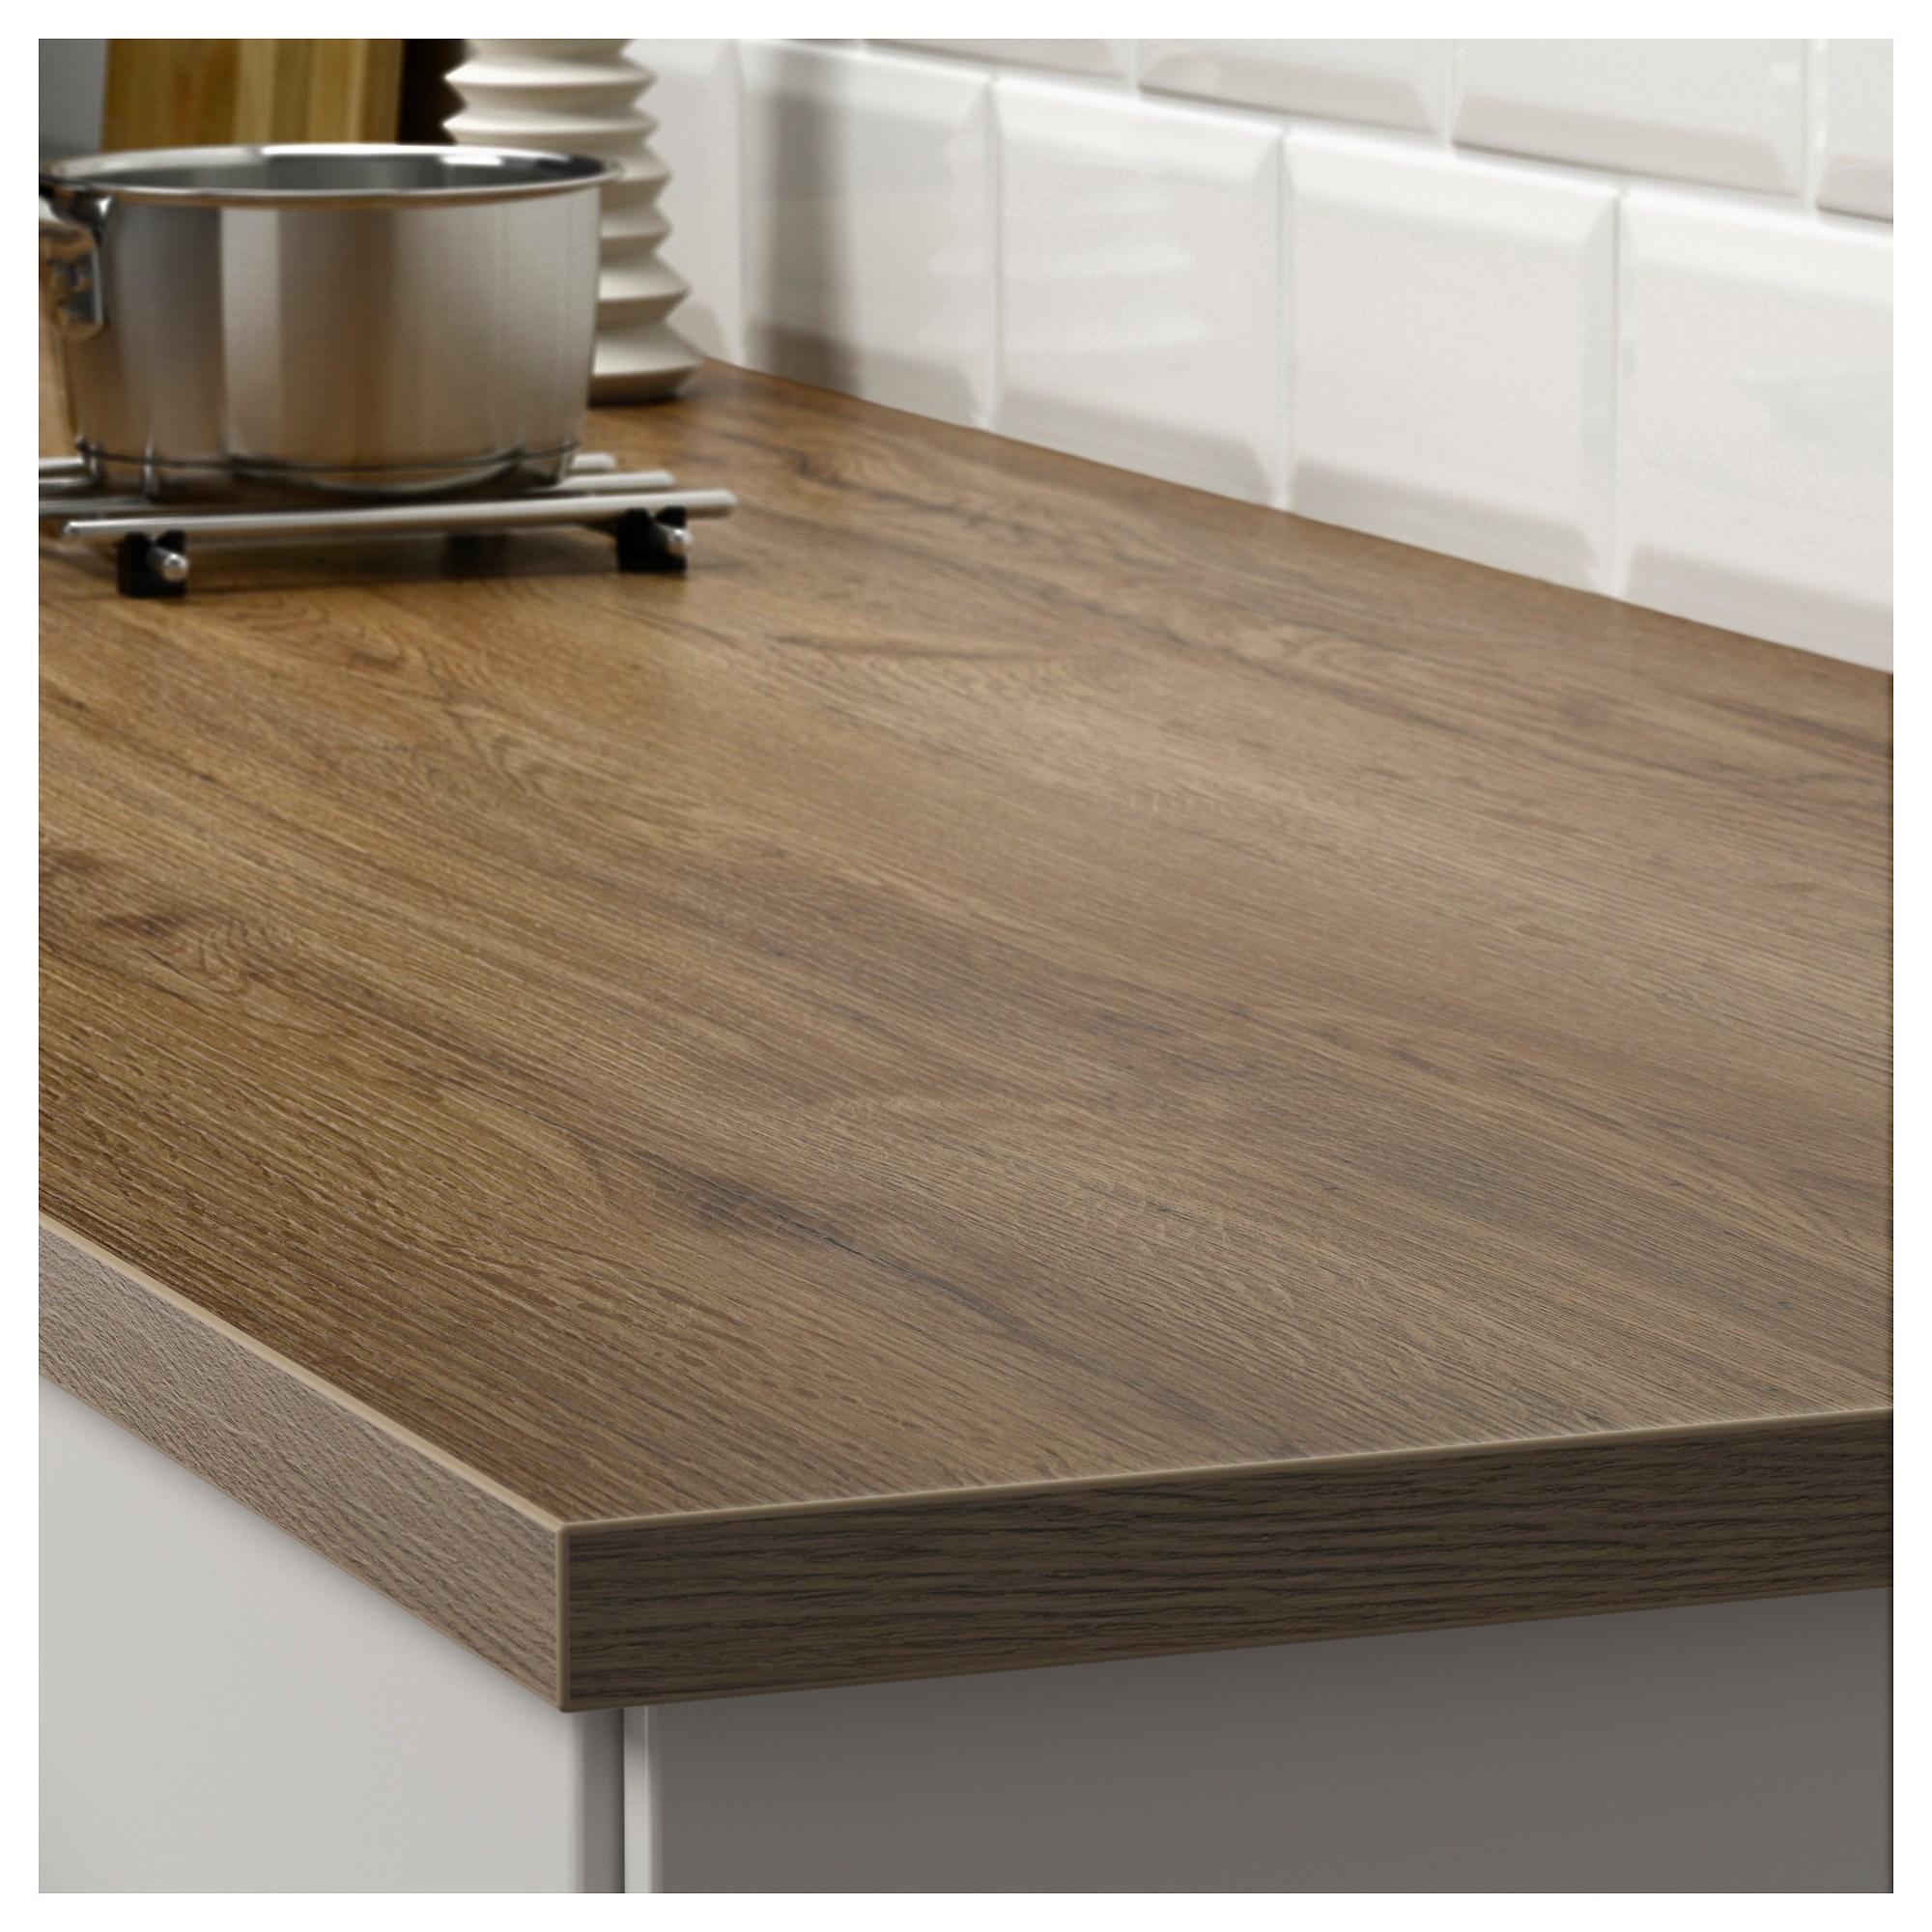 plan de travail cuisine bois massif ikea livraison. Black Bedroom Furniture Sets. Home Design Ideas